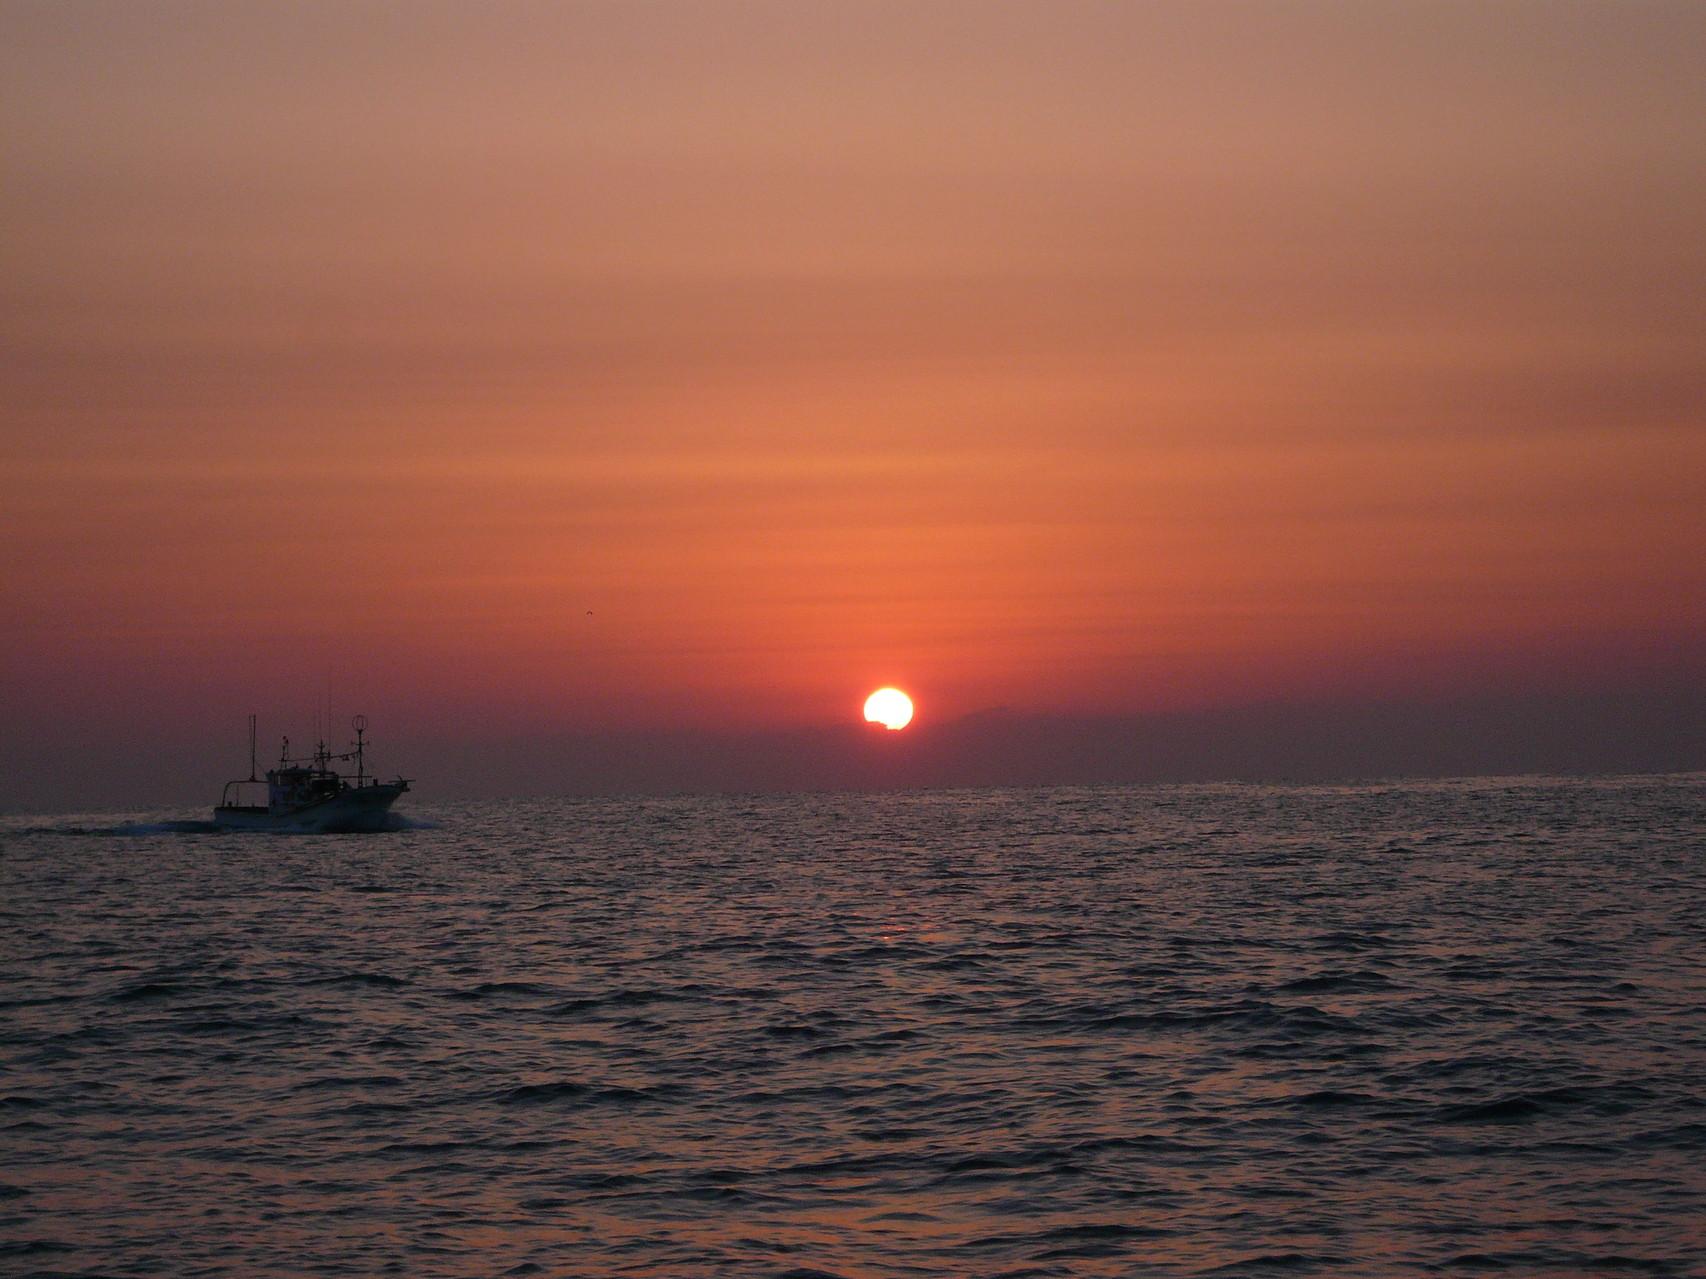 3月11日本船出船 サザエ網(たてあみ)船帰港へ